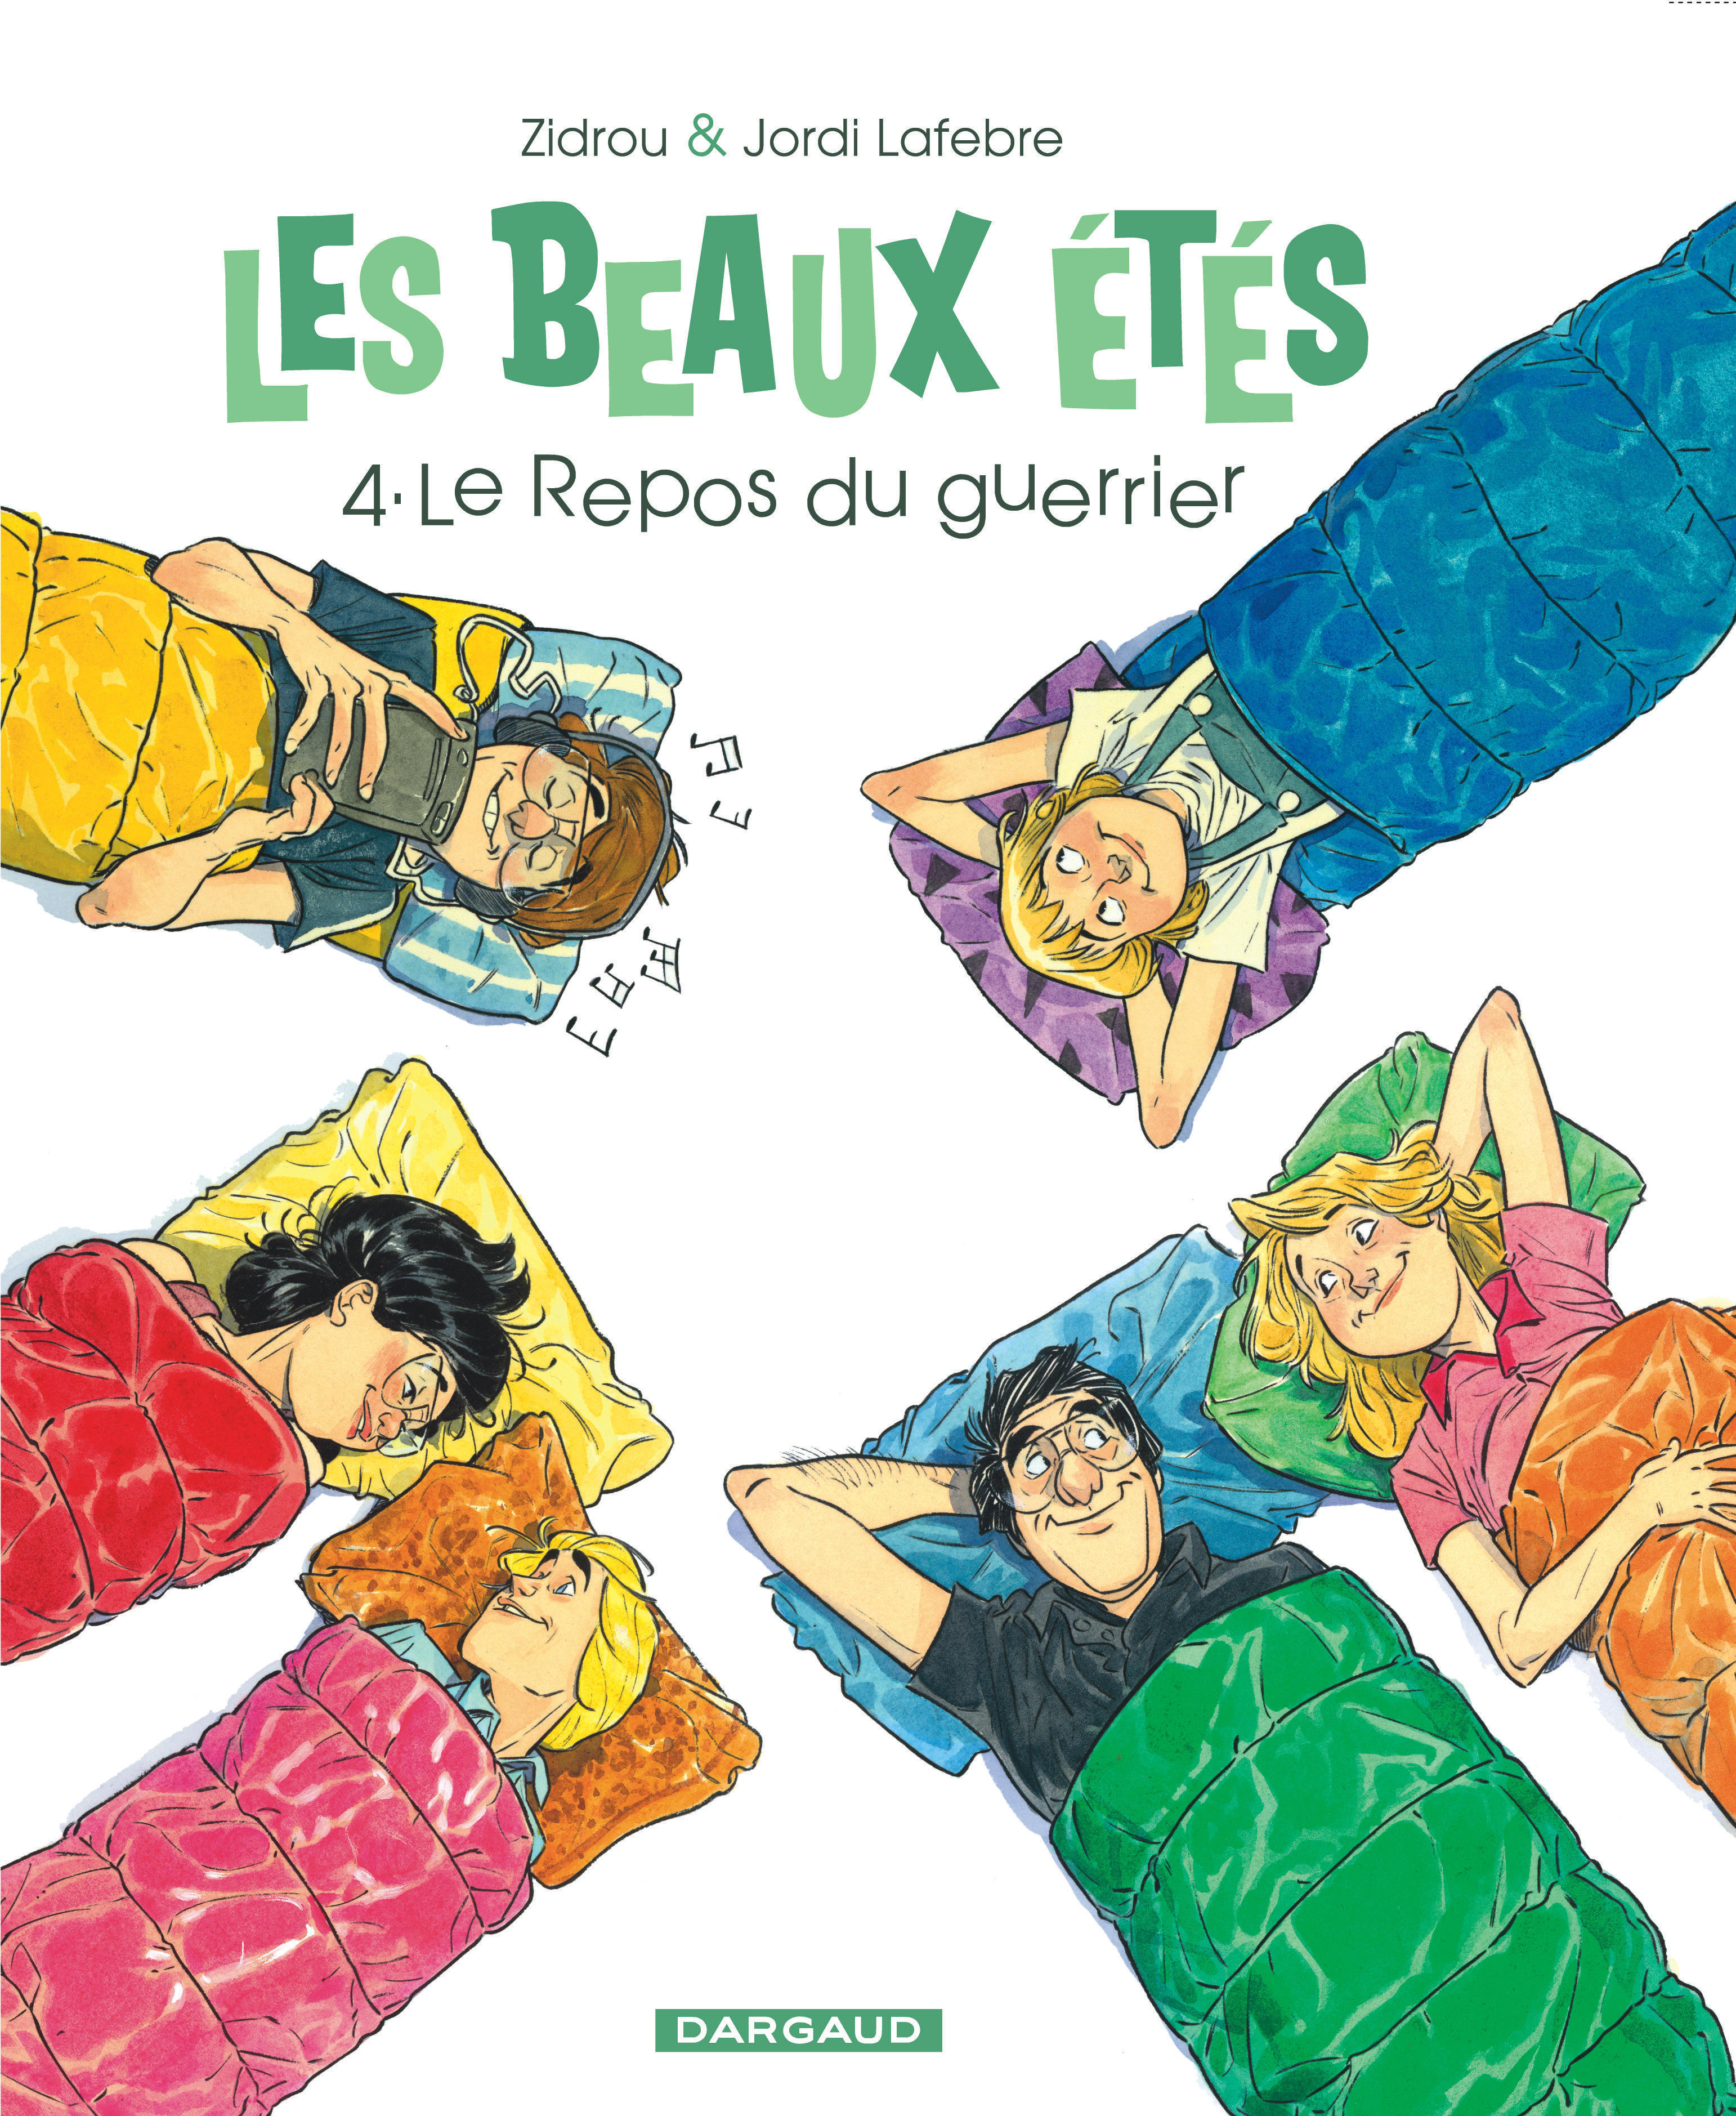 LES BEAUX ETES - TOME 4 - REPOS DU GUERRIER (LE)